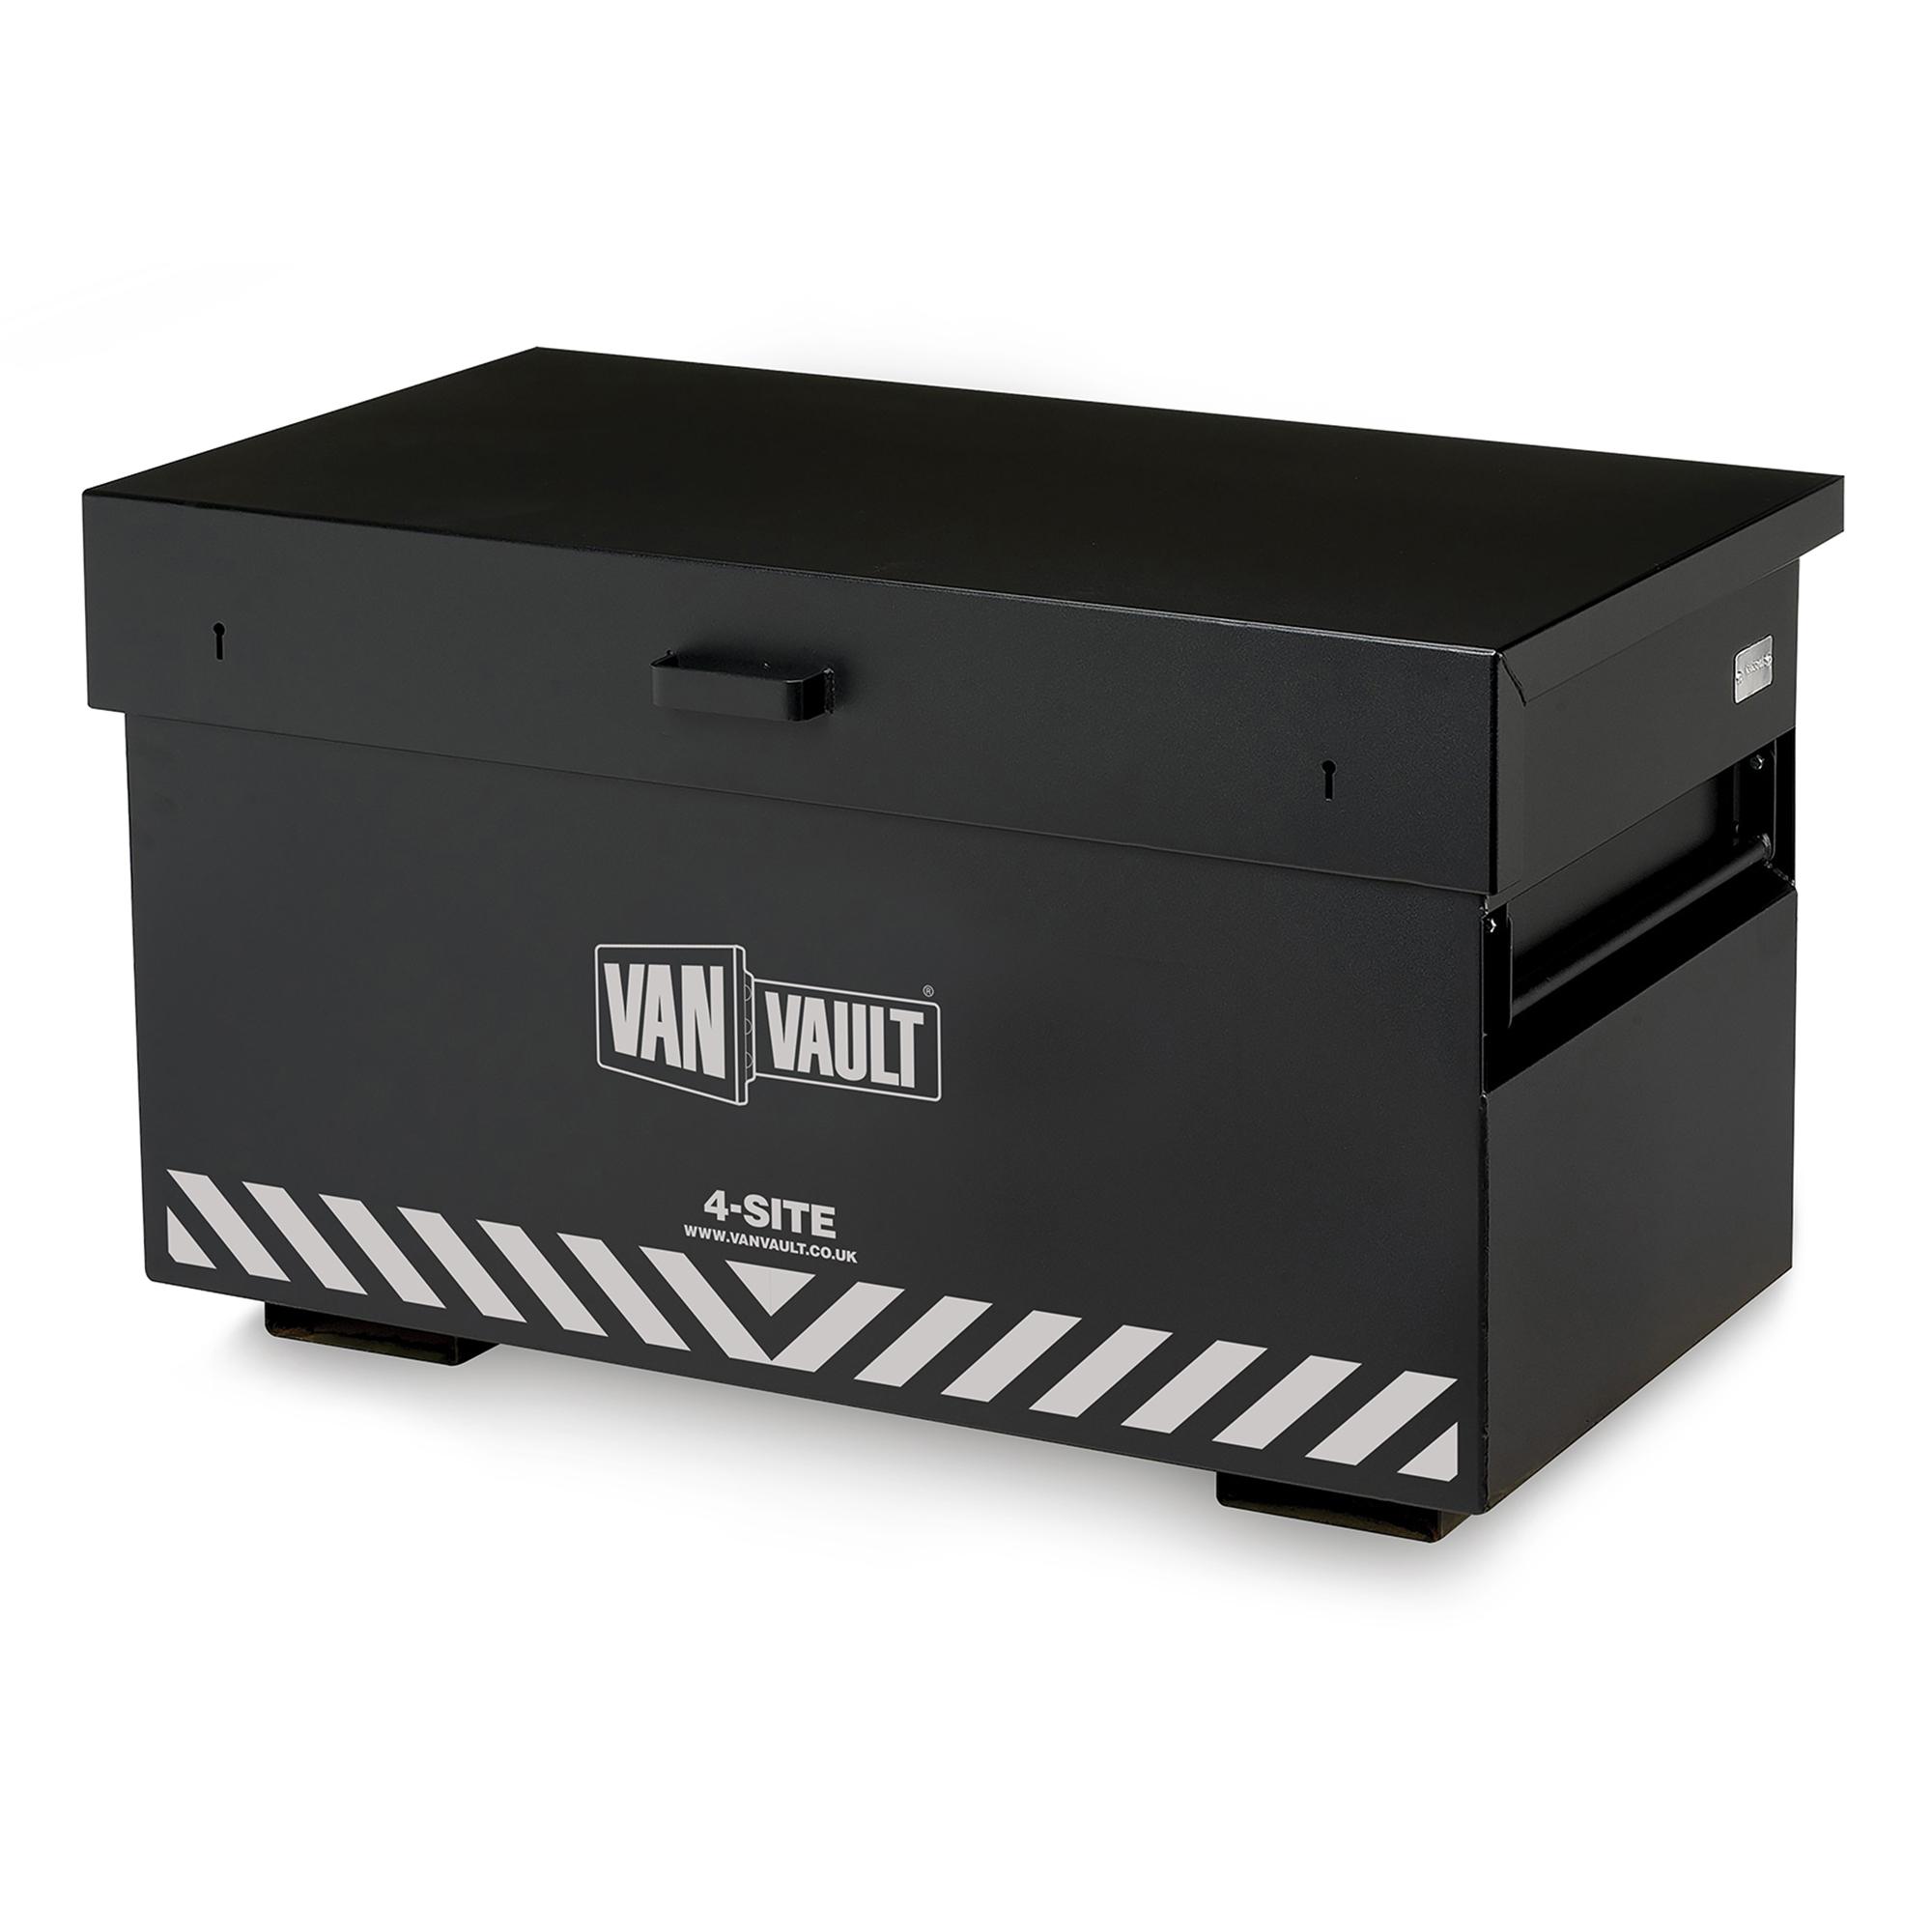 Black sheet steel Van Vault 4-site with fork lift points, side handles and contrasting grey Van Vault branding